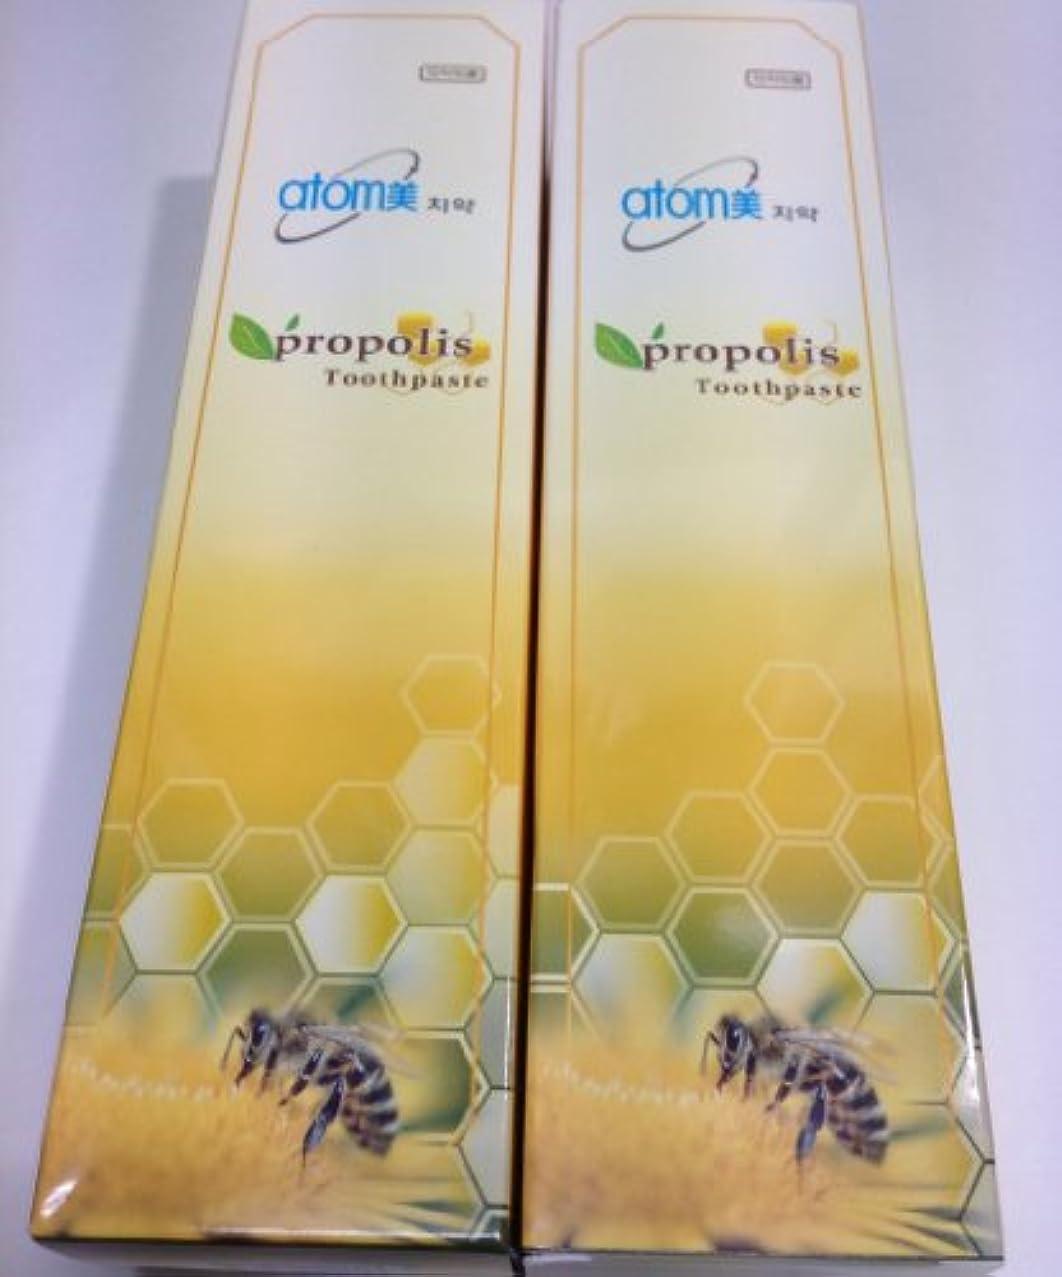 案件ペインギリック発生アトミ化粧品 アトミ 歯ミガキ (歯磨き粉) 200g 2本セット 並行輸入品